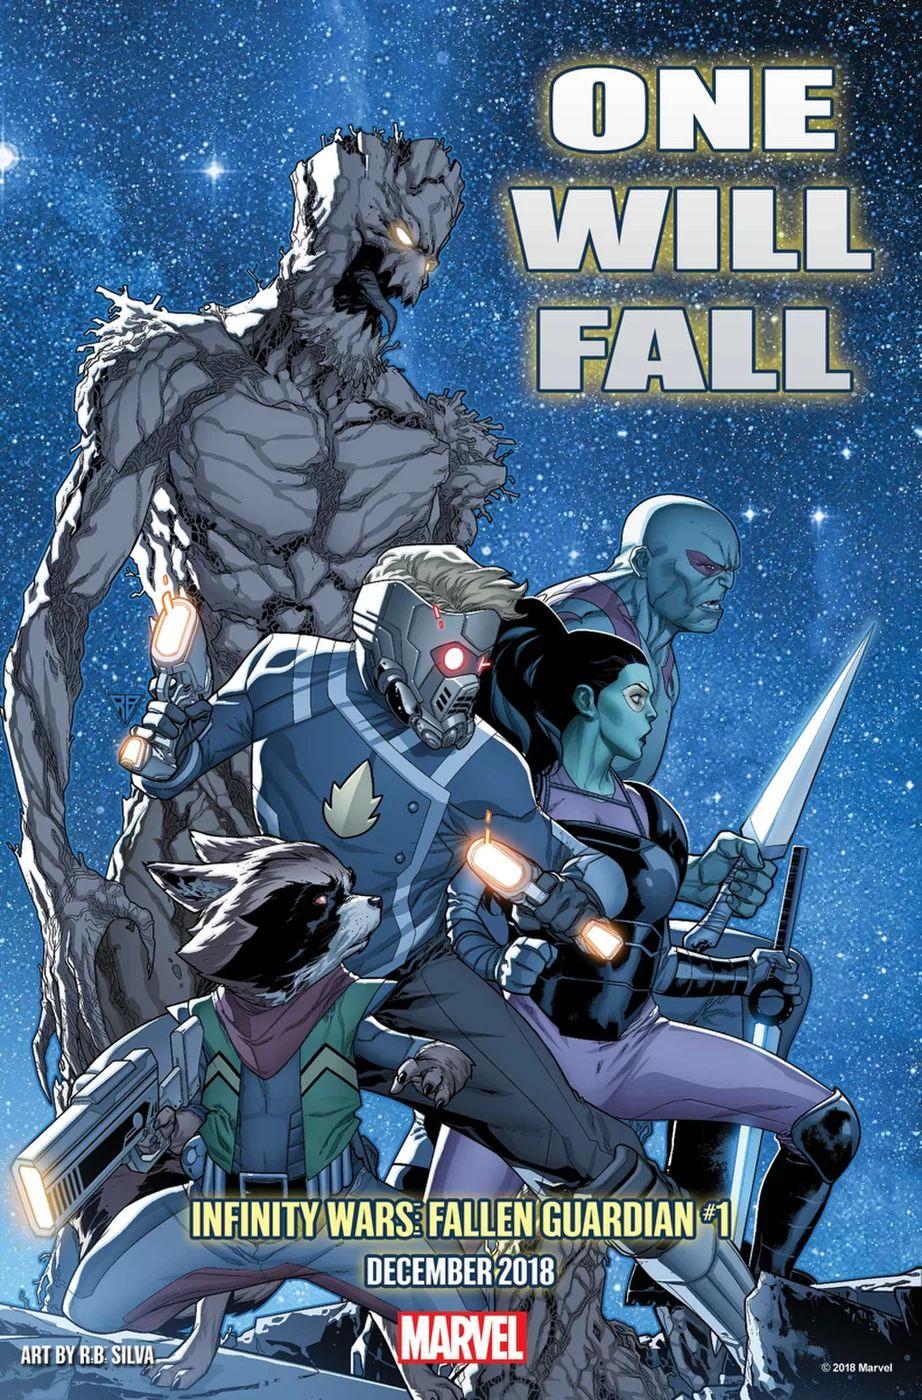 Infinity Wars: Fallen Guardian